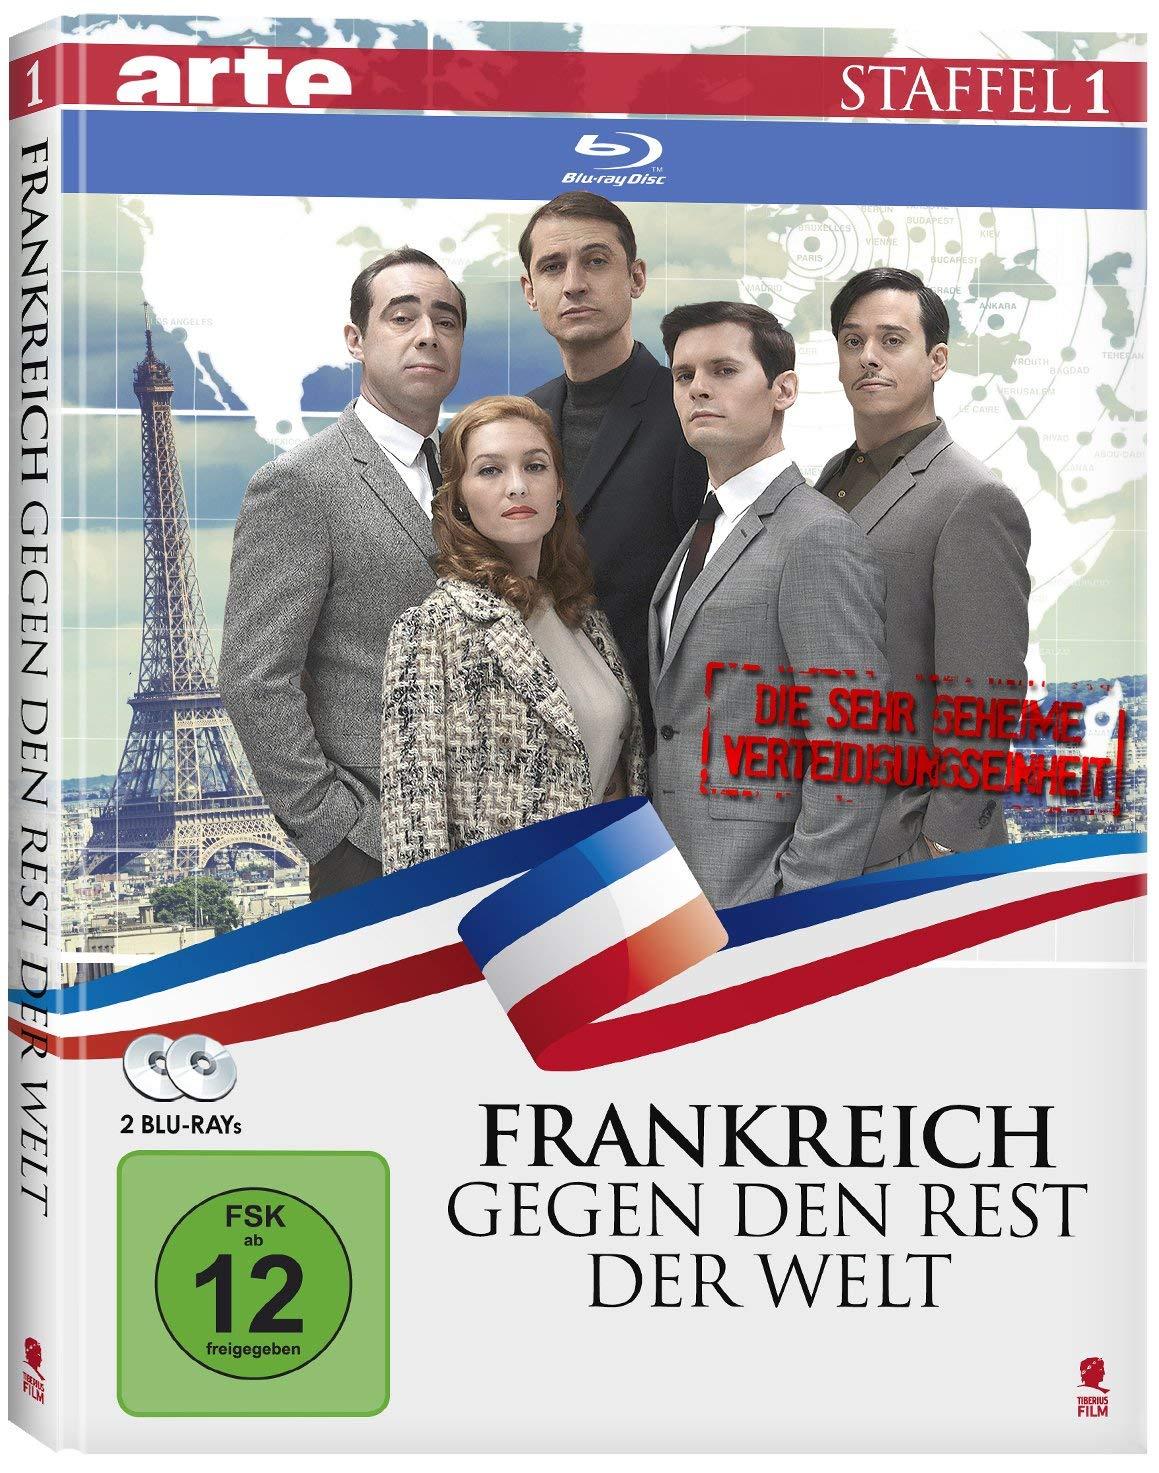 (arte.tv) Frankreich gegen den Rest der Welt kompl.Staffel 1-AgentenSerie